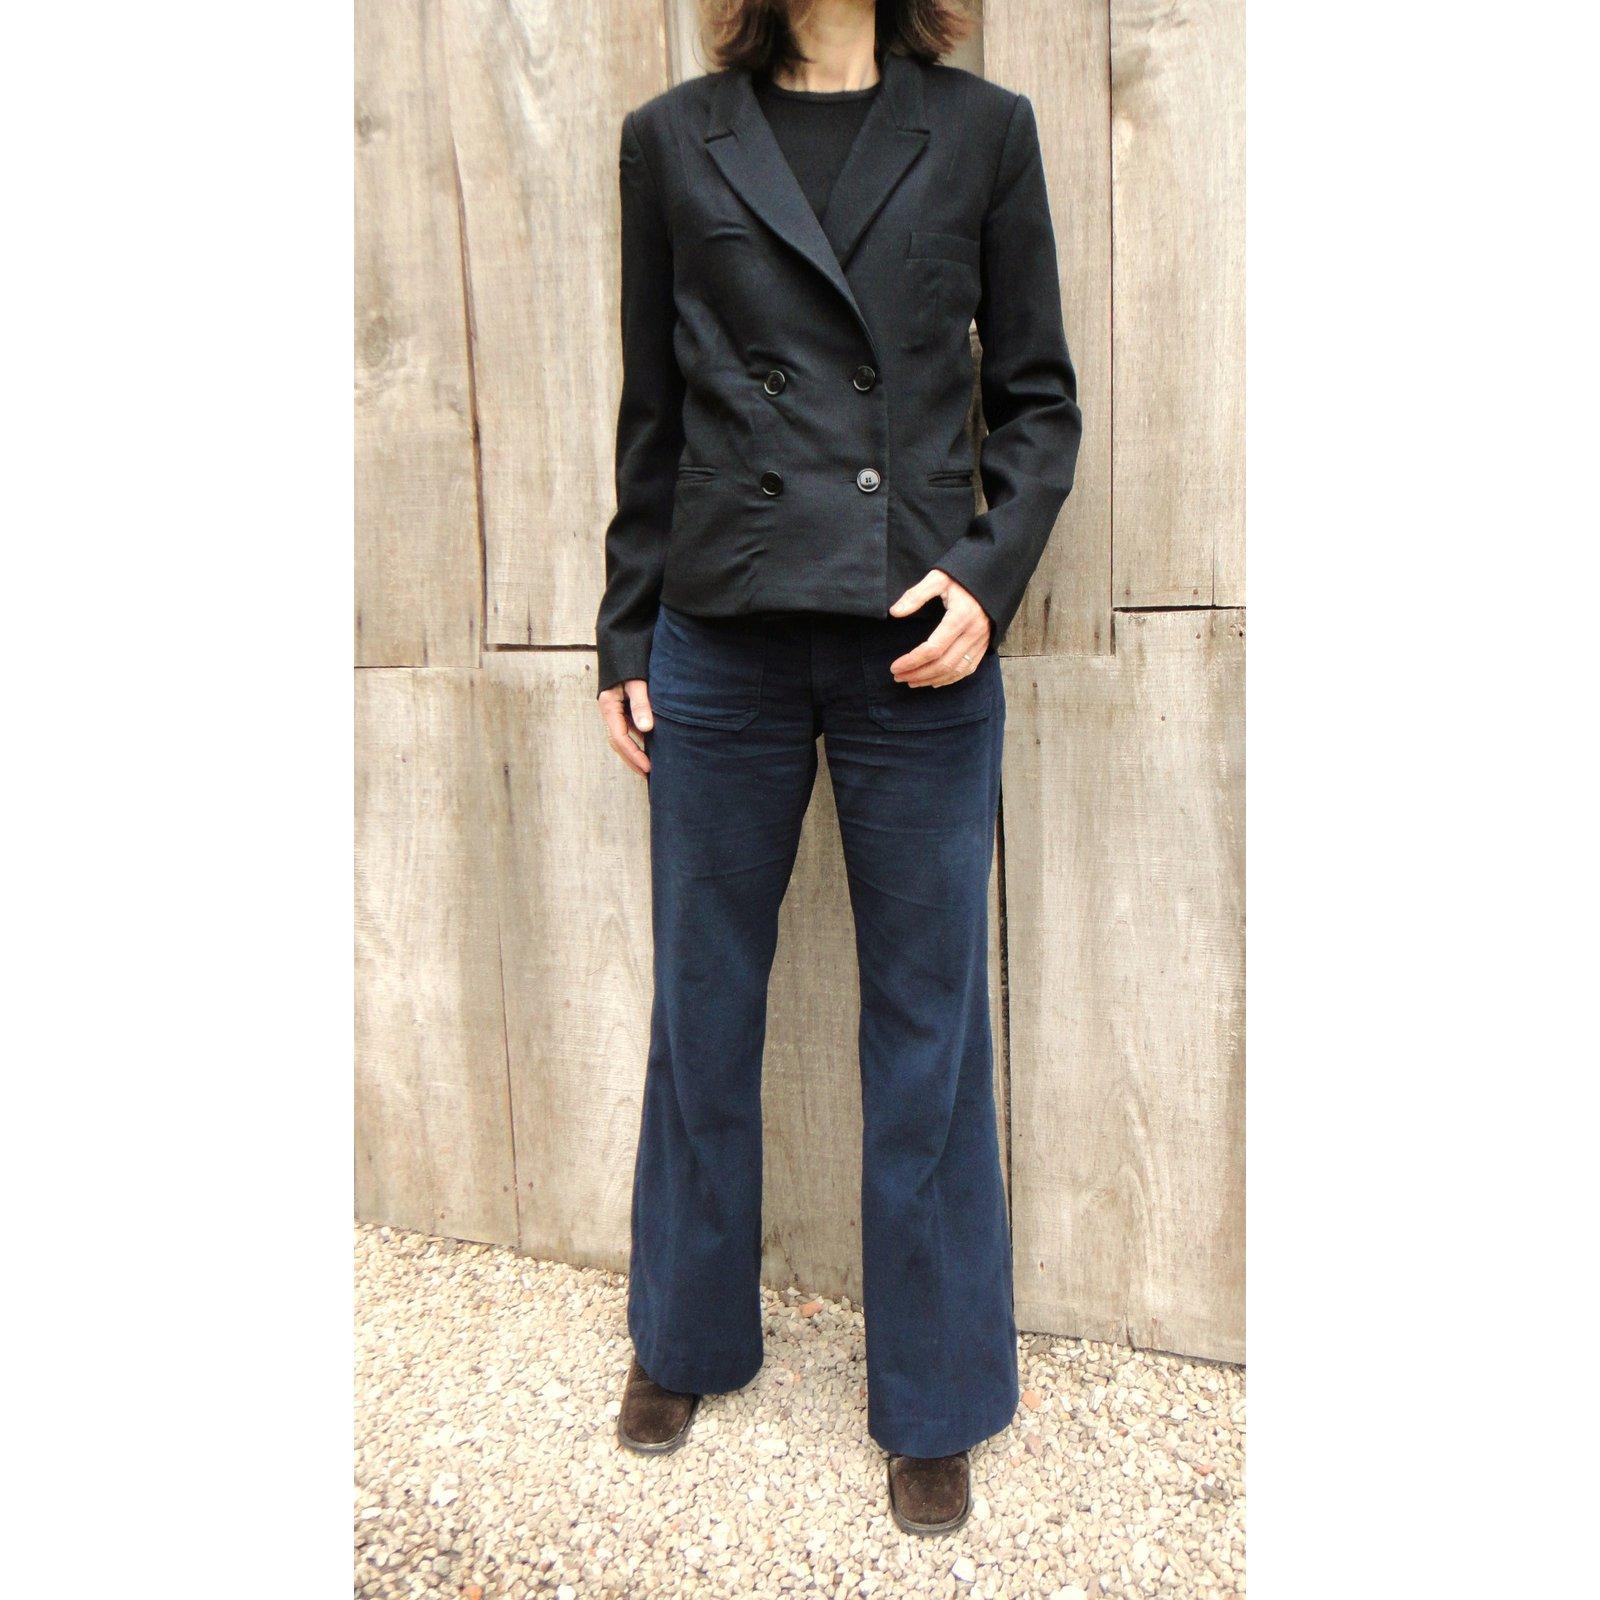 c03ab14e7ee Isabel Marant Jacket Jackets Viscose Black ref.39176 - Joli Closet